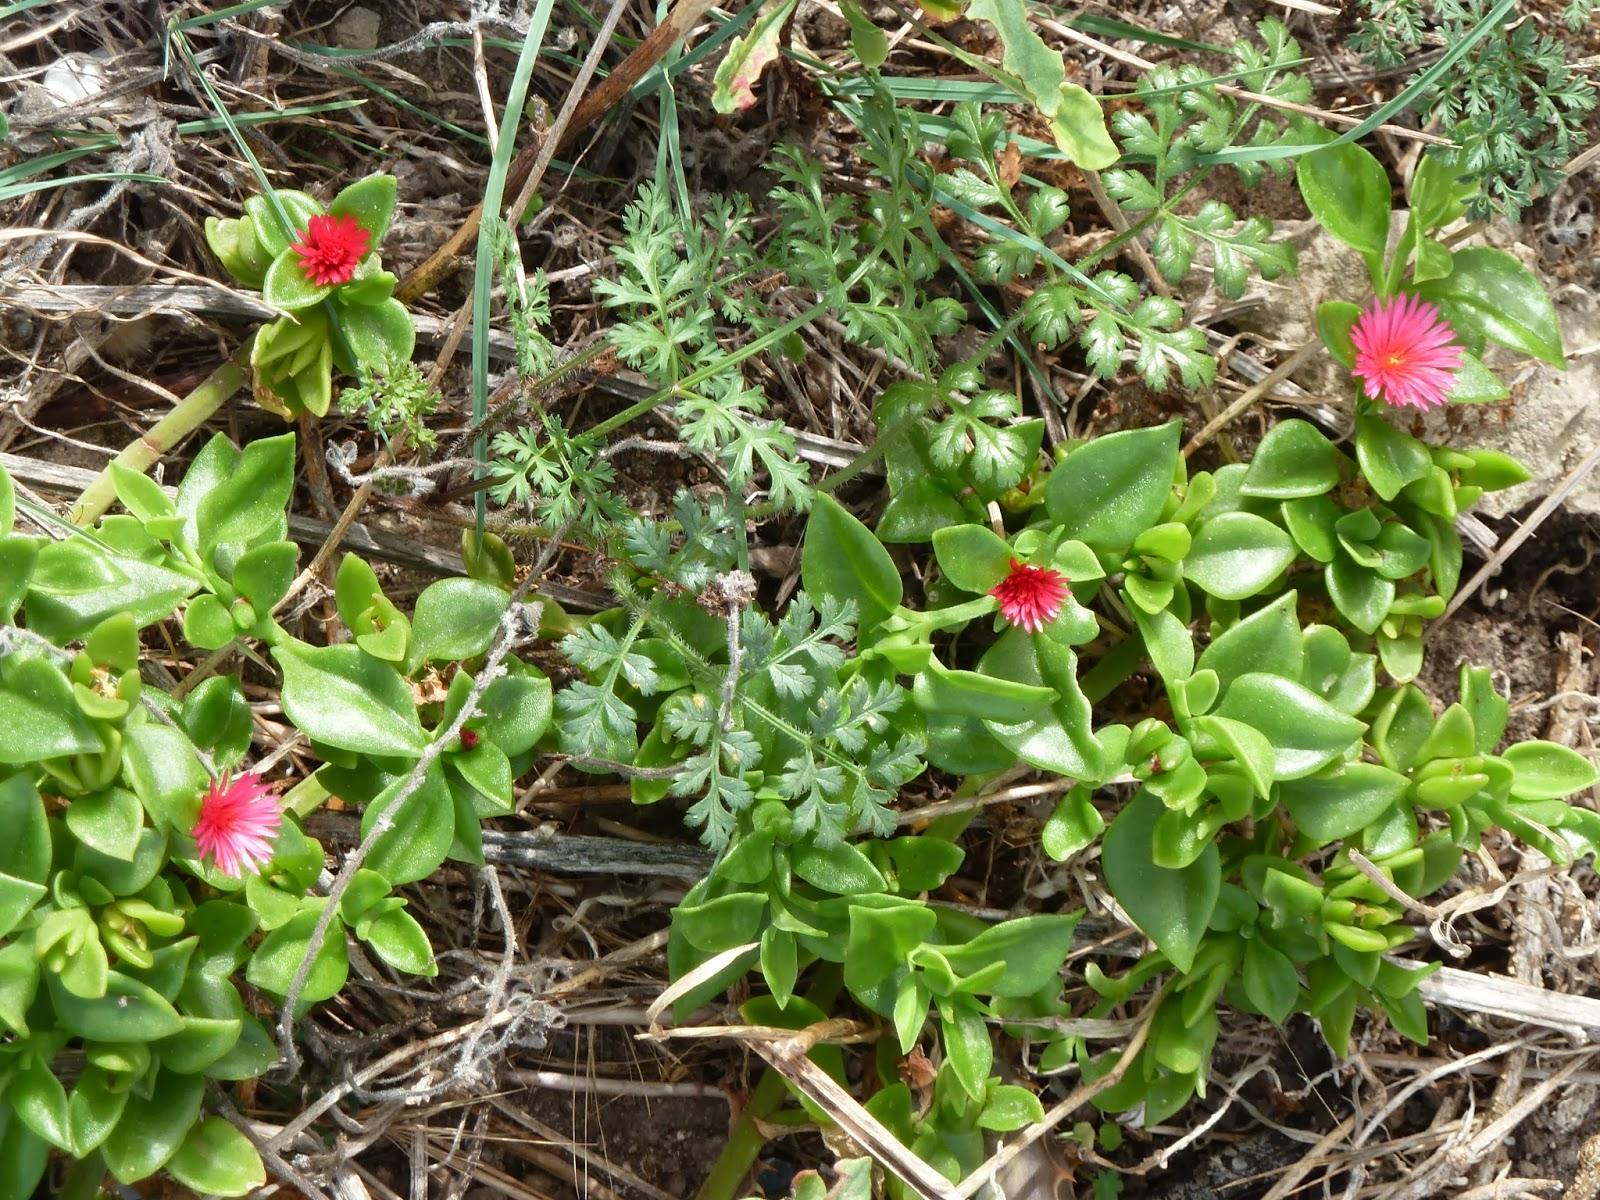 La loc flores xxxii viaje a menorca x costa norte 27 for Plantas de interior lengua de gato